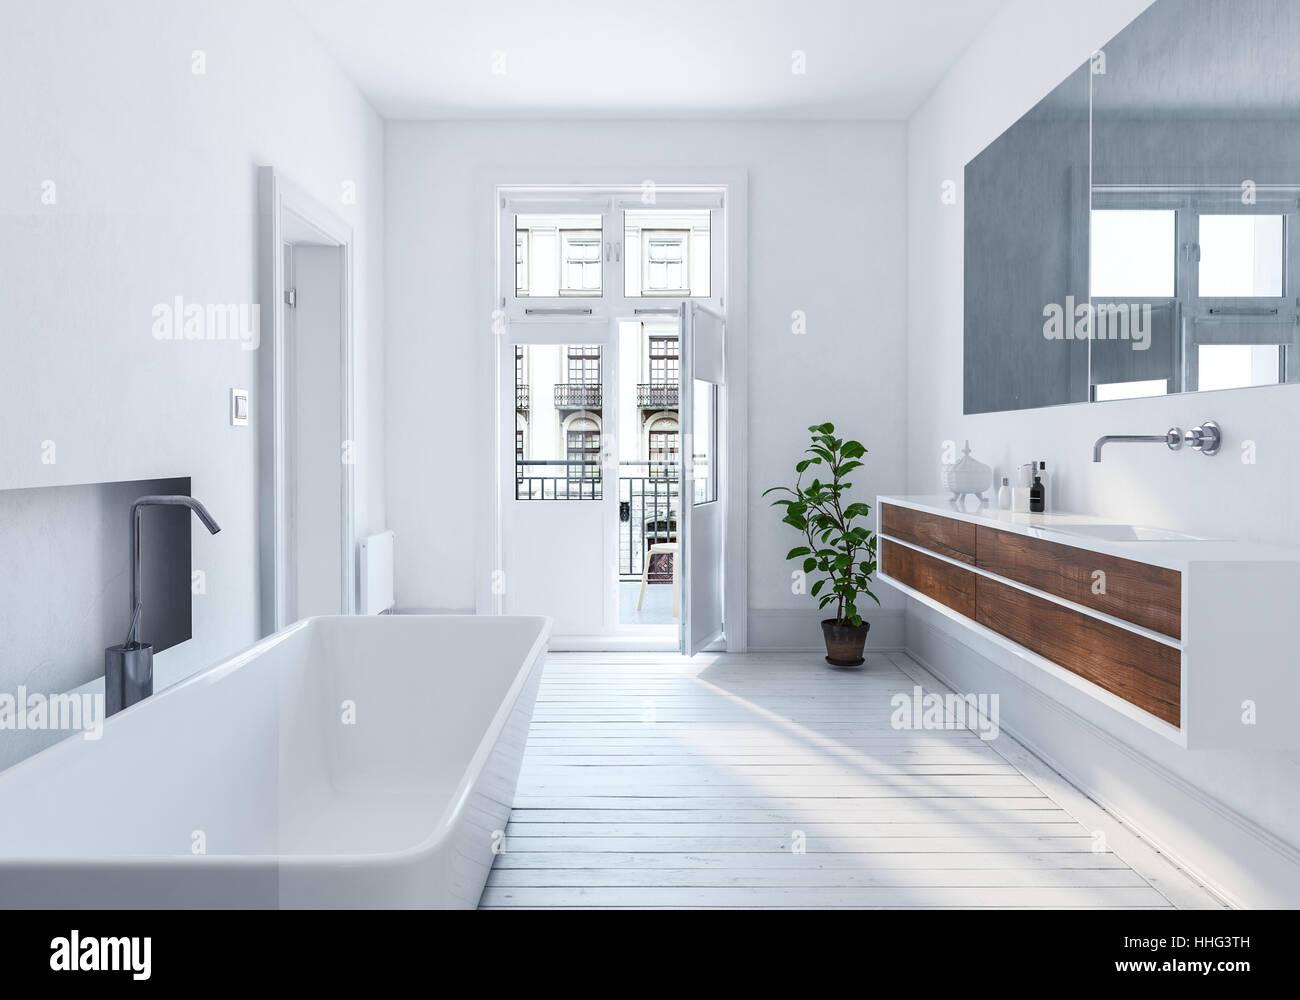 moderne badezimmer wei e st dtische interieur mit langen spiegel schr nke und badewanne mit. Black Bedroom Furniture Sets. Home Design Ideas